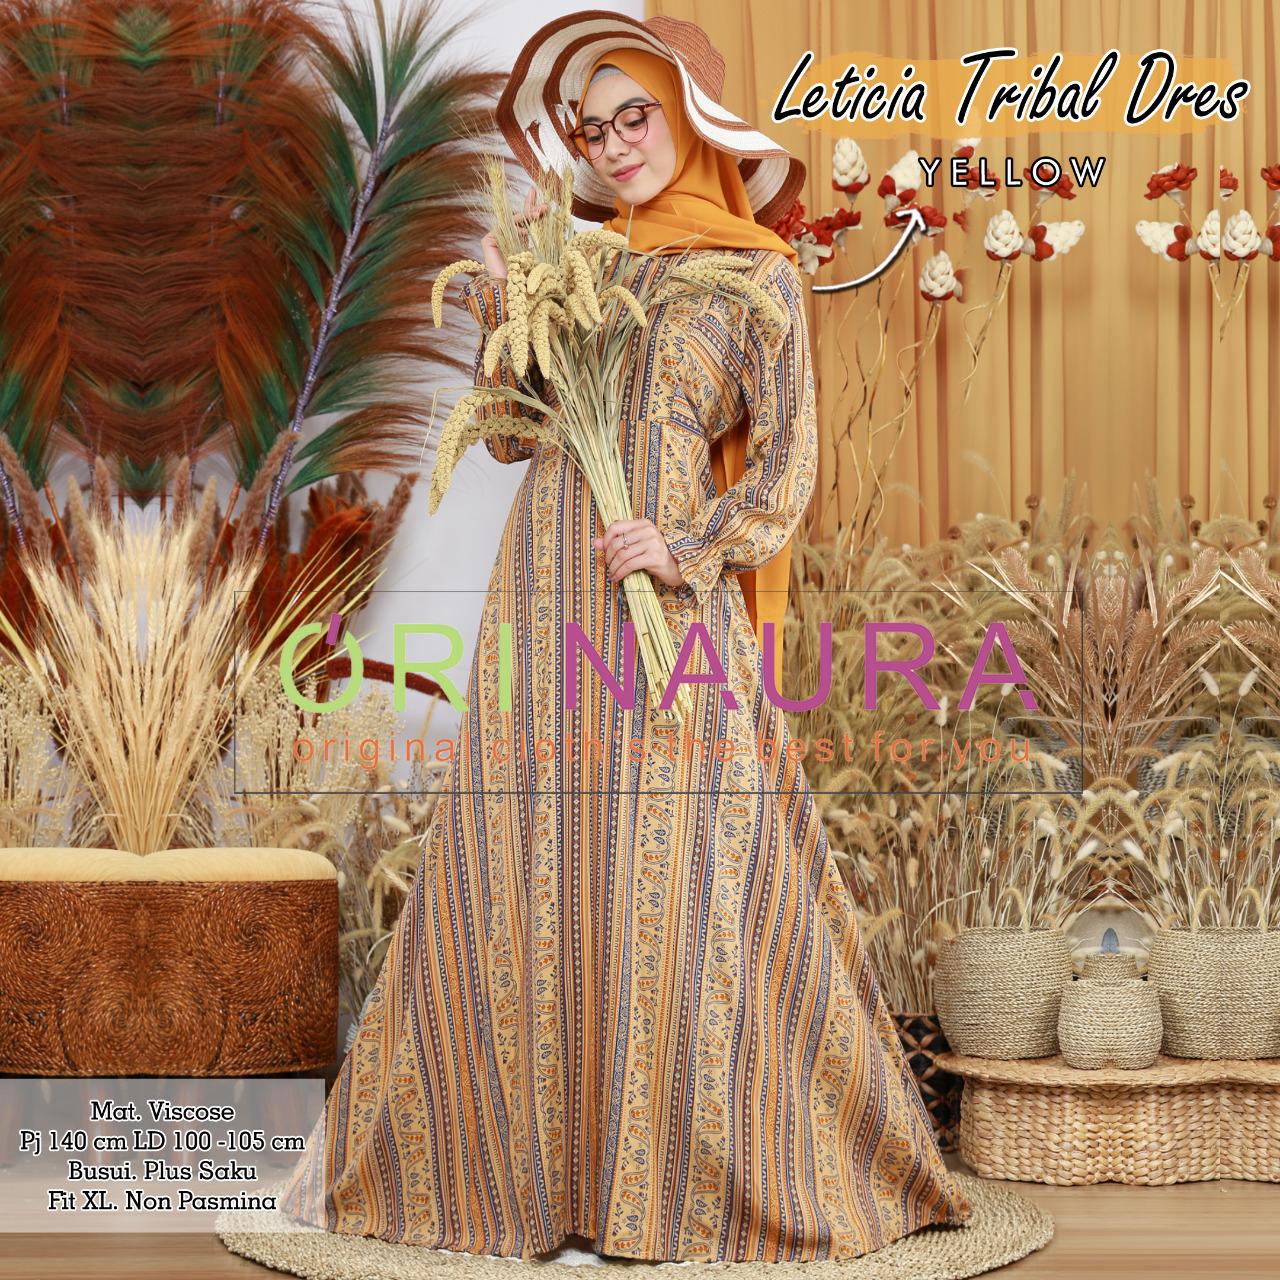 COD Realpict Gamis Leticia Tribal Dress Viscose Busui Saku | Gamis Batik Brokat Muslimah Syari Terbaru | Model Gamis Batik Polos & Kombinasi Terbaru